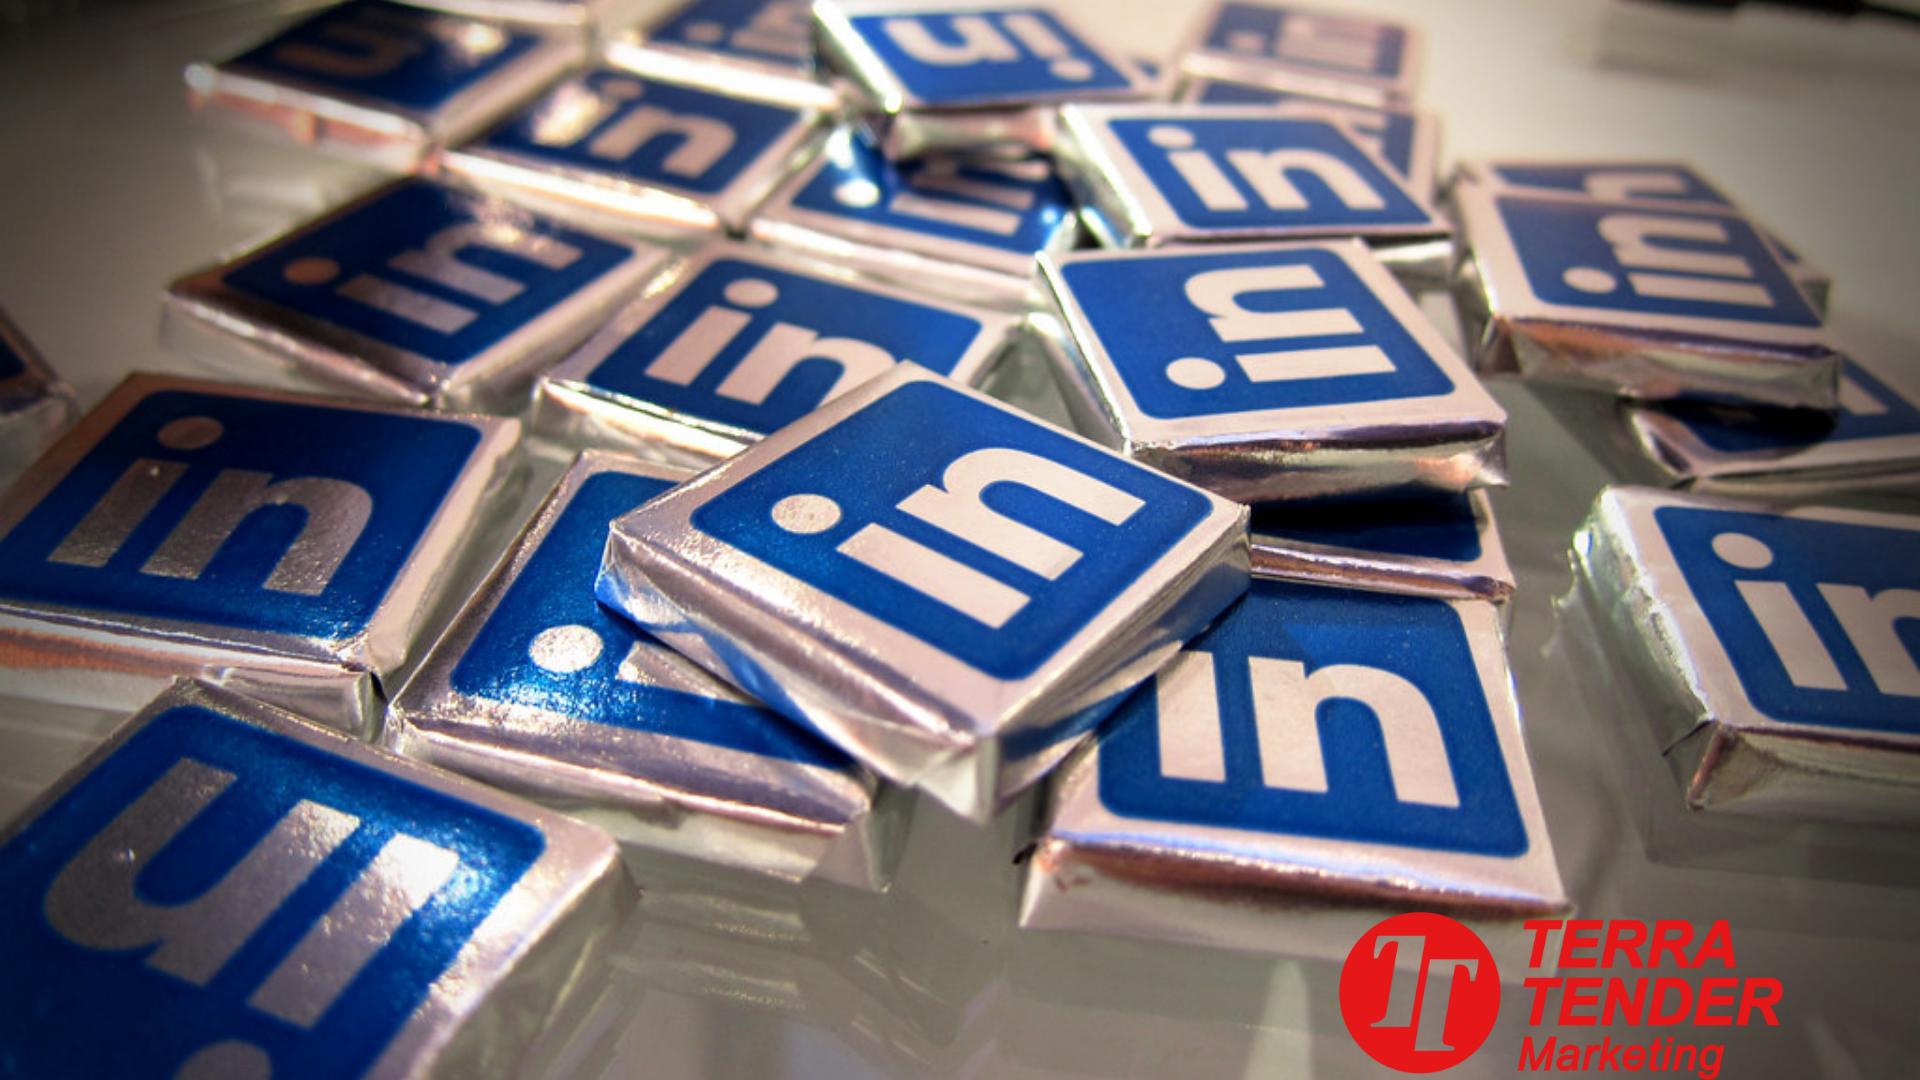 LinkedIn carousel